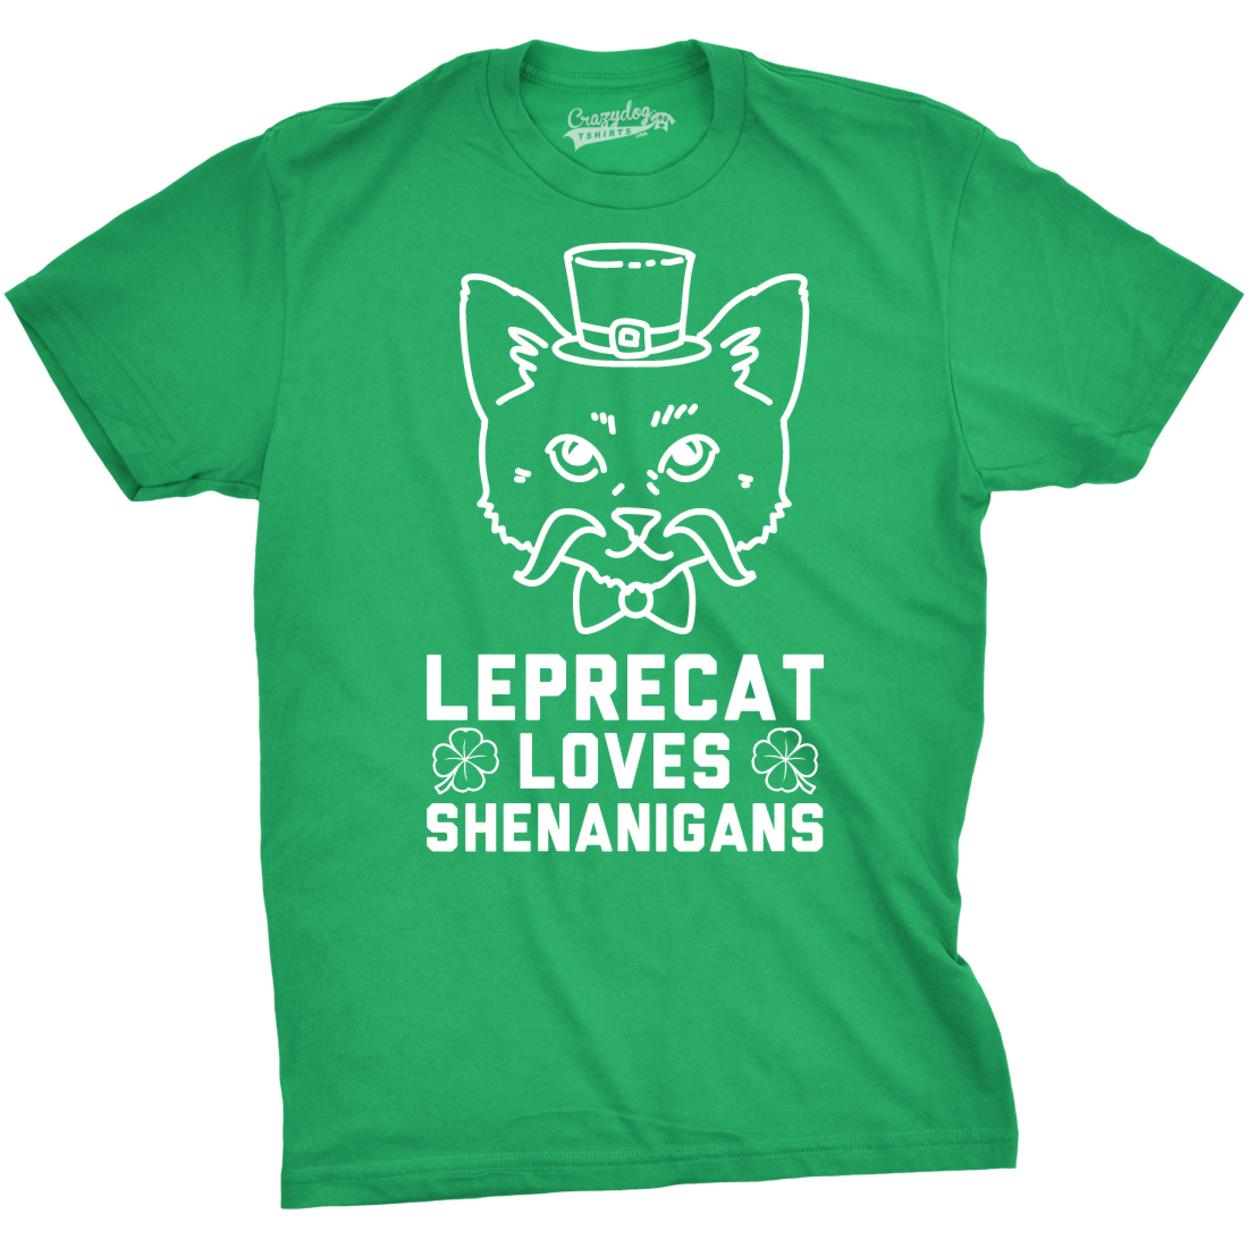 Leprecat Loves Shenanigans T-shirt - Mens Small 589a43612adf921d7514d51b